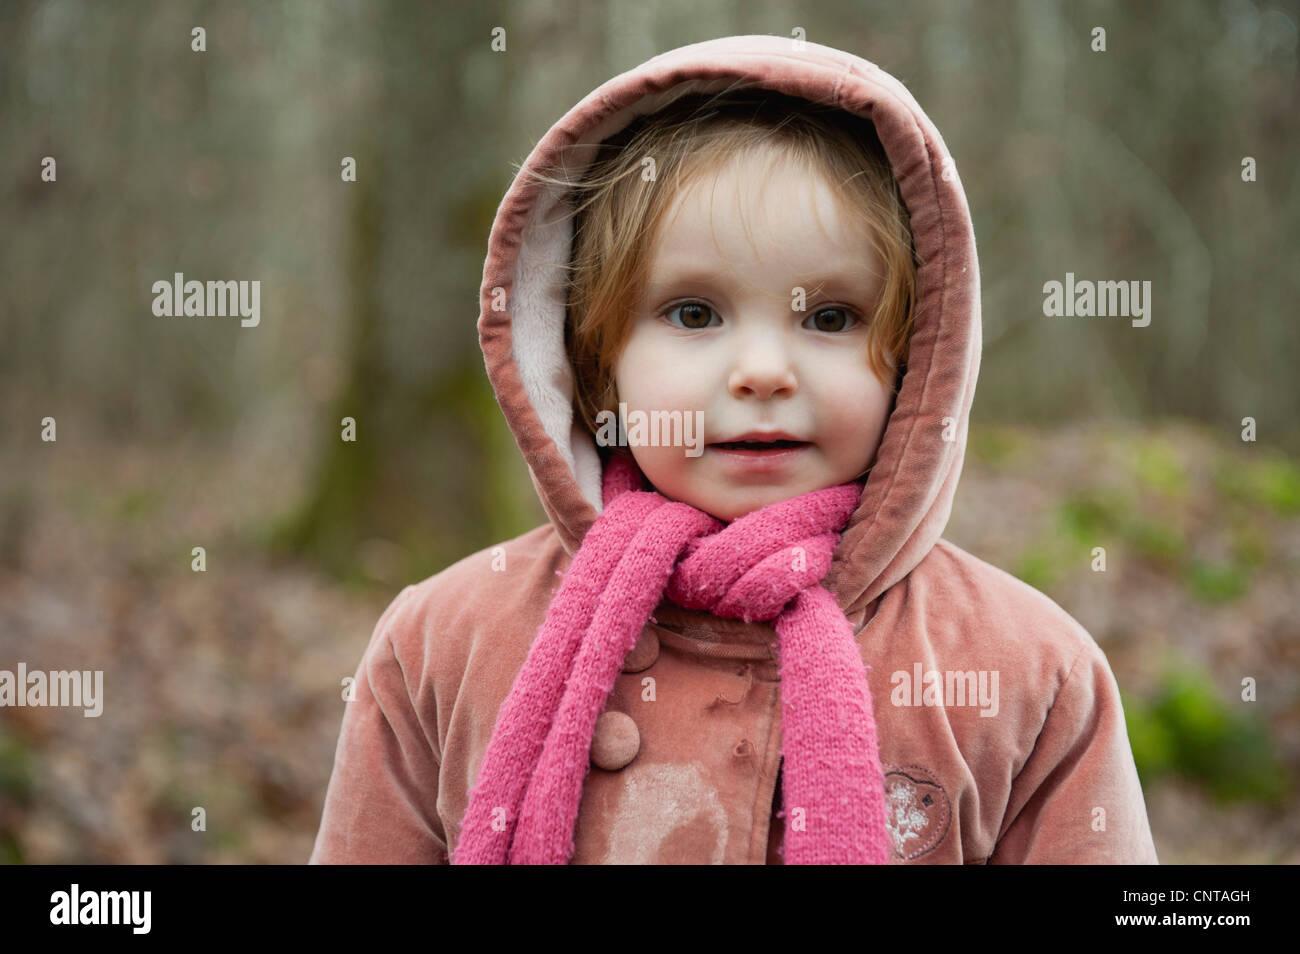 Little girl, portrait Banque D'Images